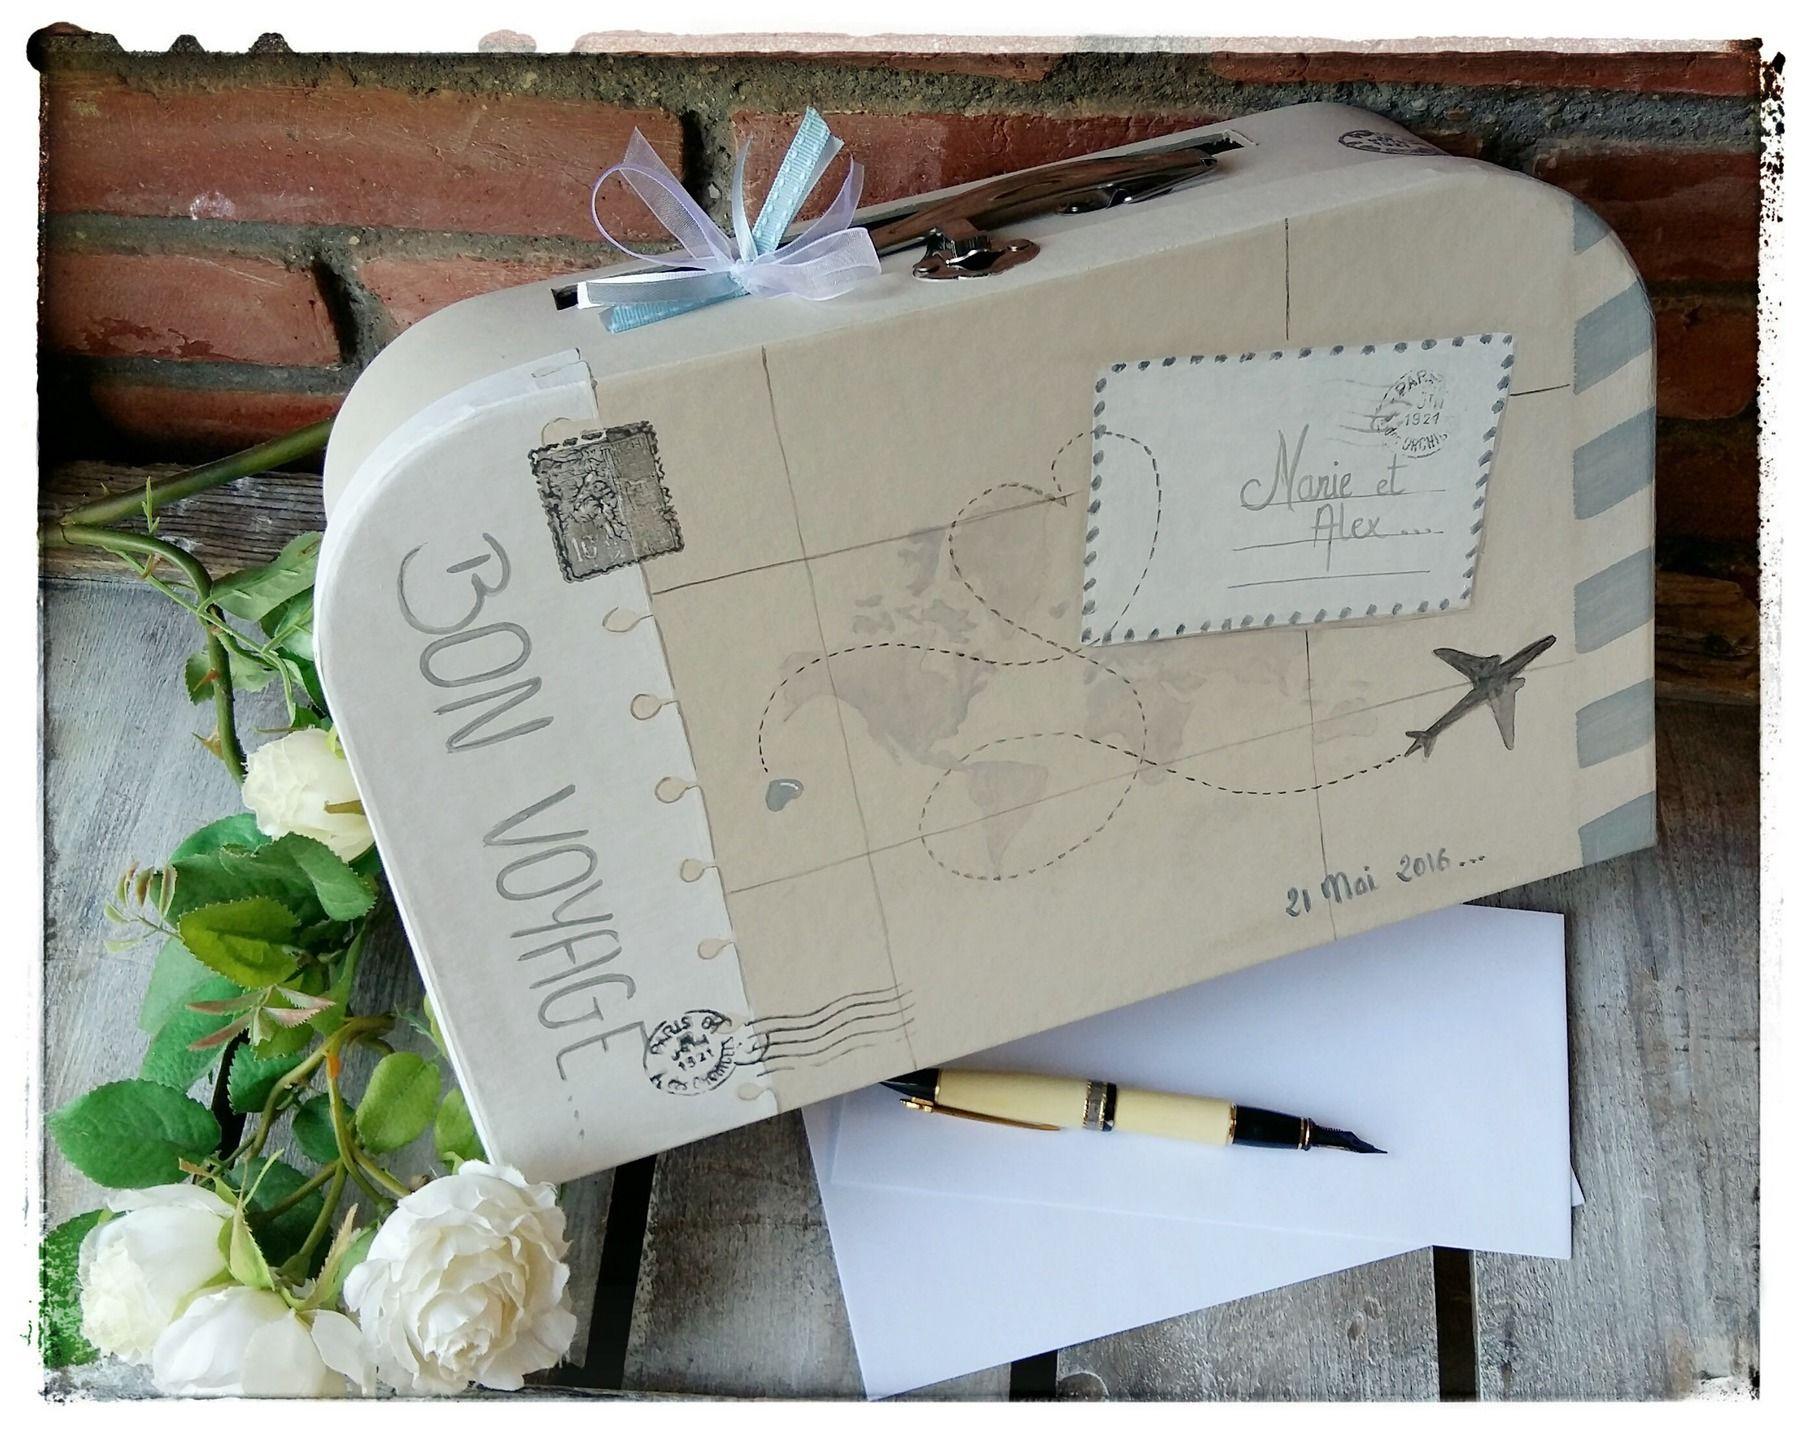 valise pour urne de mariage bon voyage petit mod le menu pinterest urne de mariage. Black Bedroom Furniture Sets. Home Design Ideas